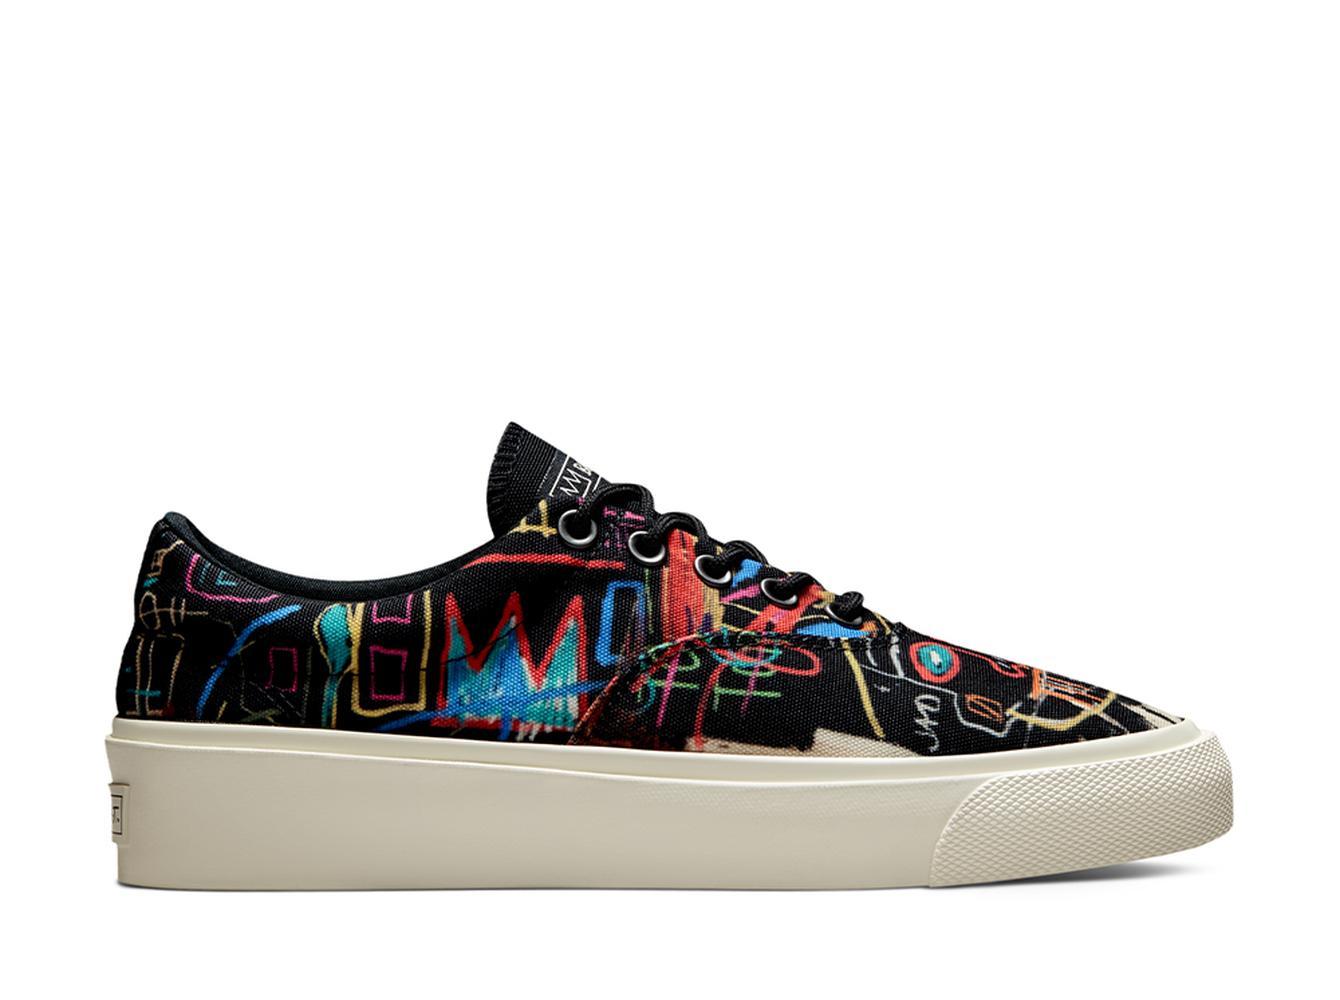 Converse X Basquiat Skid Grip Ox